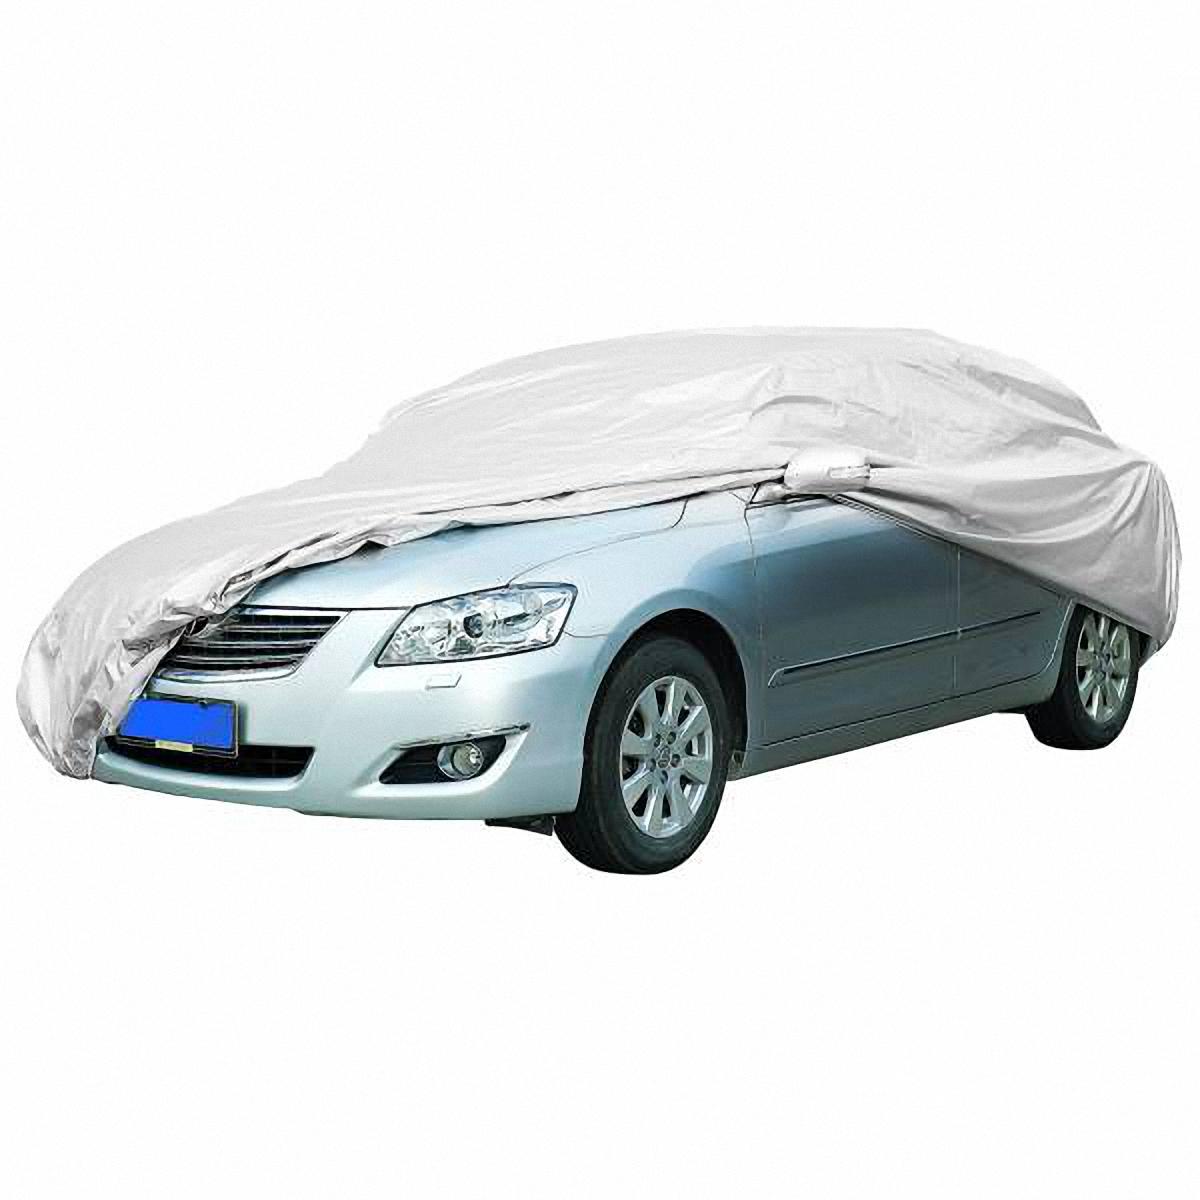 Чехол-тент автомобильный Skyway, 482 х 178 х 119 см. Размер LS04401003Тент автомобильный позволит защитить кузов вашего транспортного средства от коррозии и загрязнений во время хранения или транспортировки, а вас избавит от необходимости частого мытья вашего автомобиля. Чехол-тент предохраняет лакокрасочное покрытие кузова, стекла и фары вашего автомобиля от воздействия прямых солнечных лучей и неблагоприятных погодных условий, загрязнений. Легко и быстро надевается на автомобиль, не царапая и не повреждая его.Изготовлен из высококачественного полиэстера. В передней и задней части тента вшиты резинки, стягивающие его нижний край под передним и задним бамперами. Обладает высокой влаго- и износостойкостью. Обладает светоотражающими и пылезащитными свойствами. Выдерживает как низкие, так и высокие температуры. Воздухопроницаемый материал. Состав: полиэстер. Размер: 482 х 178 х 119 см.